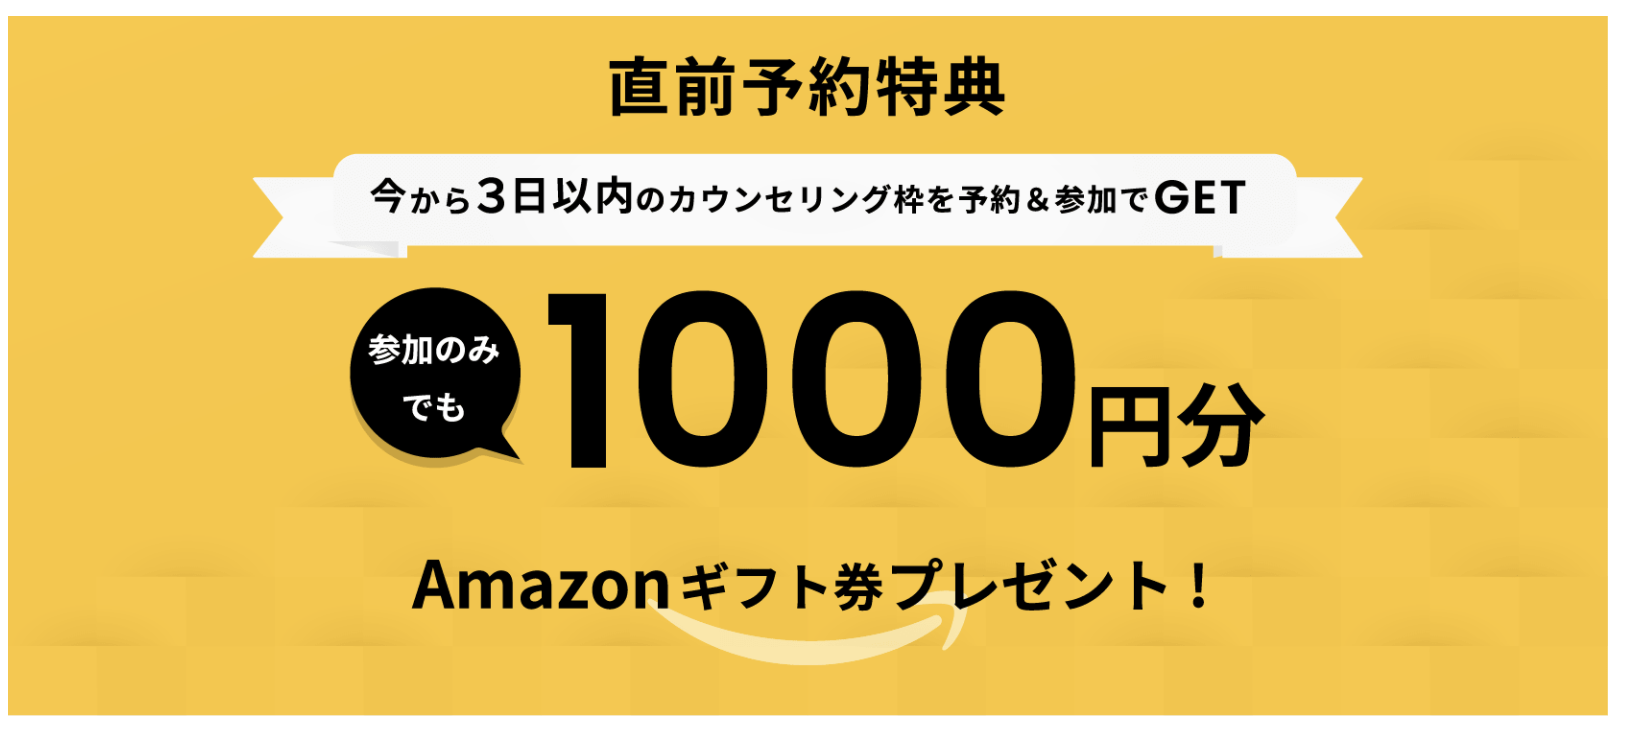 Amazonギフト券1,000円分